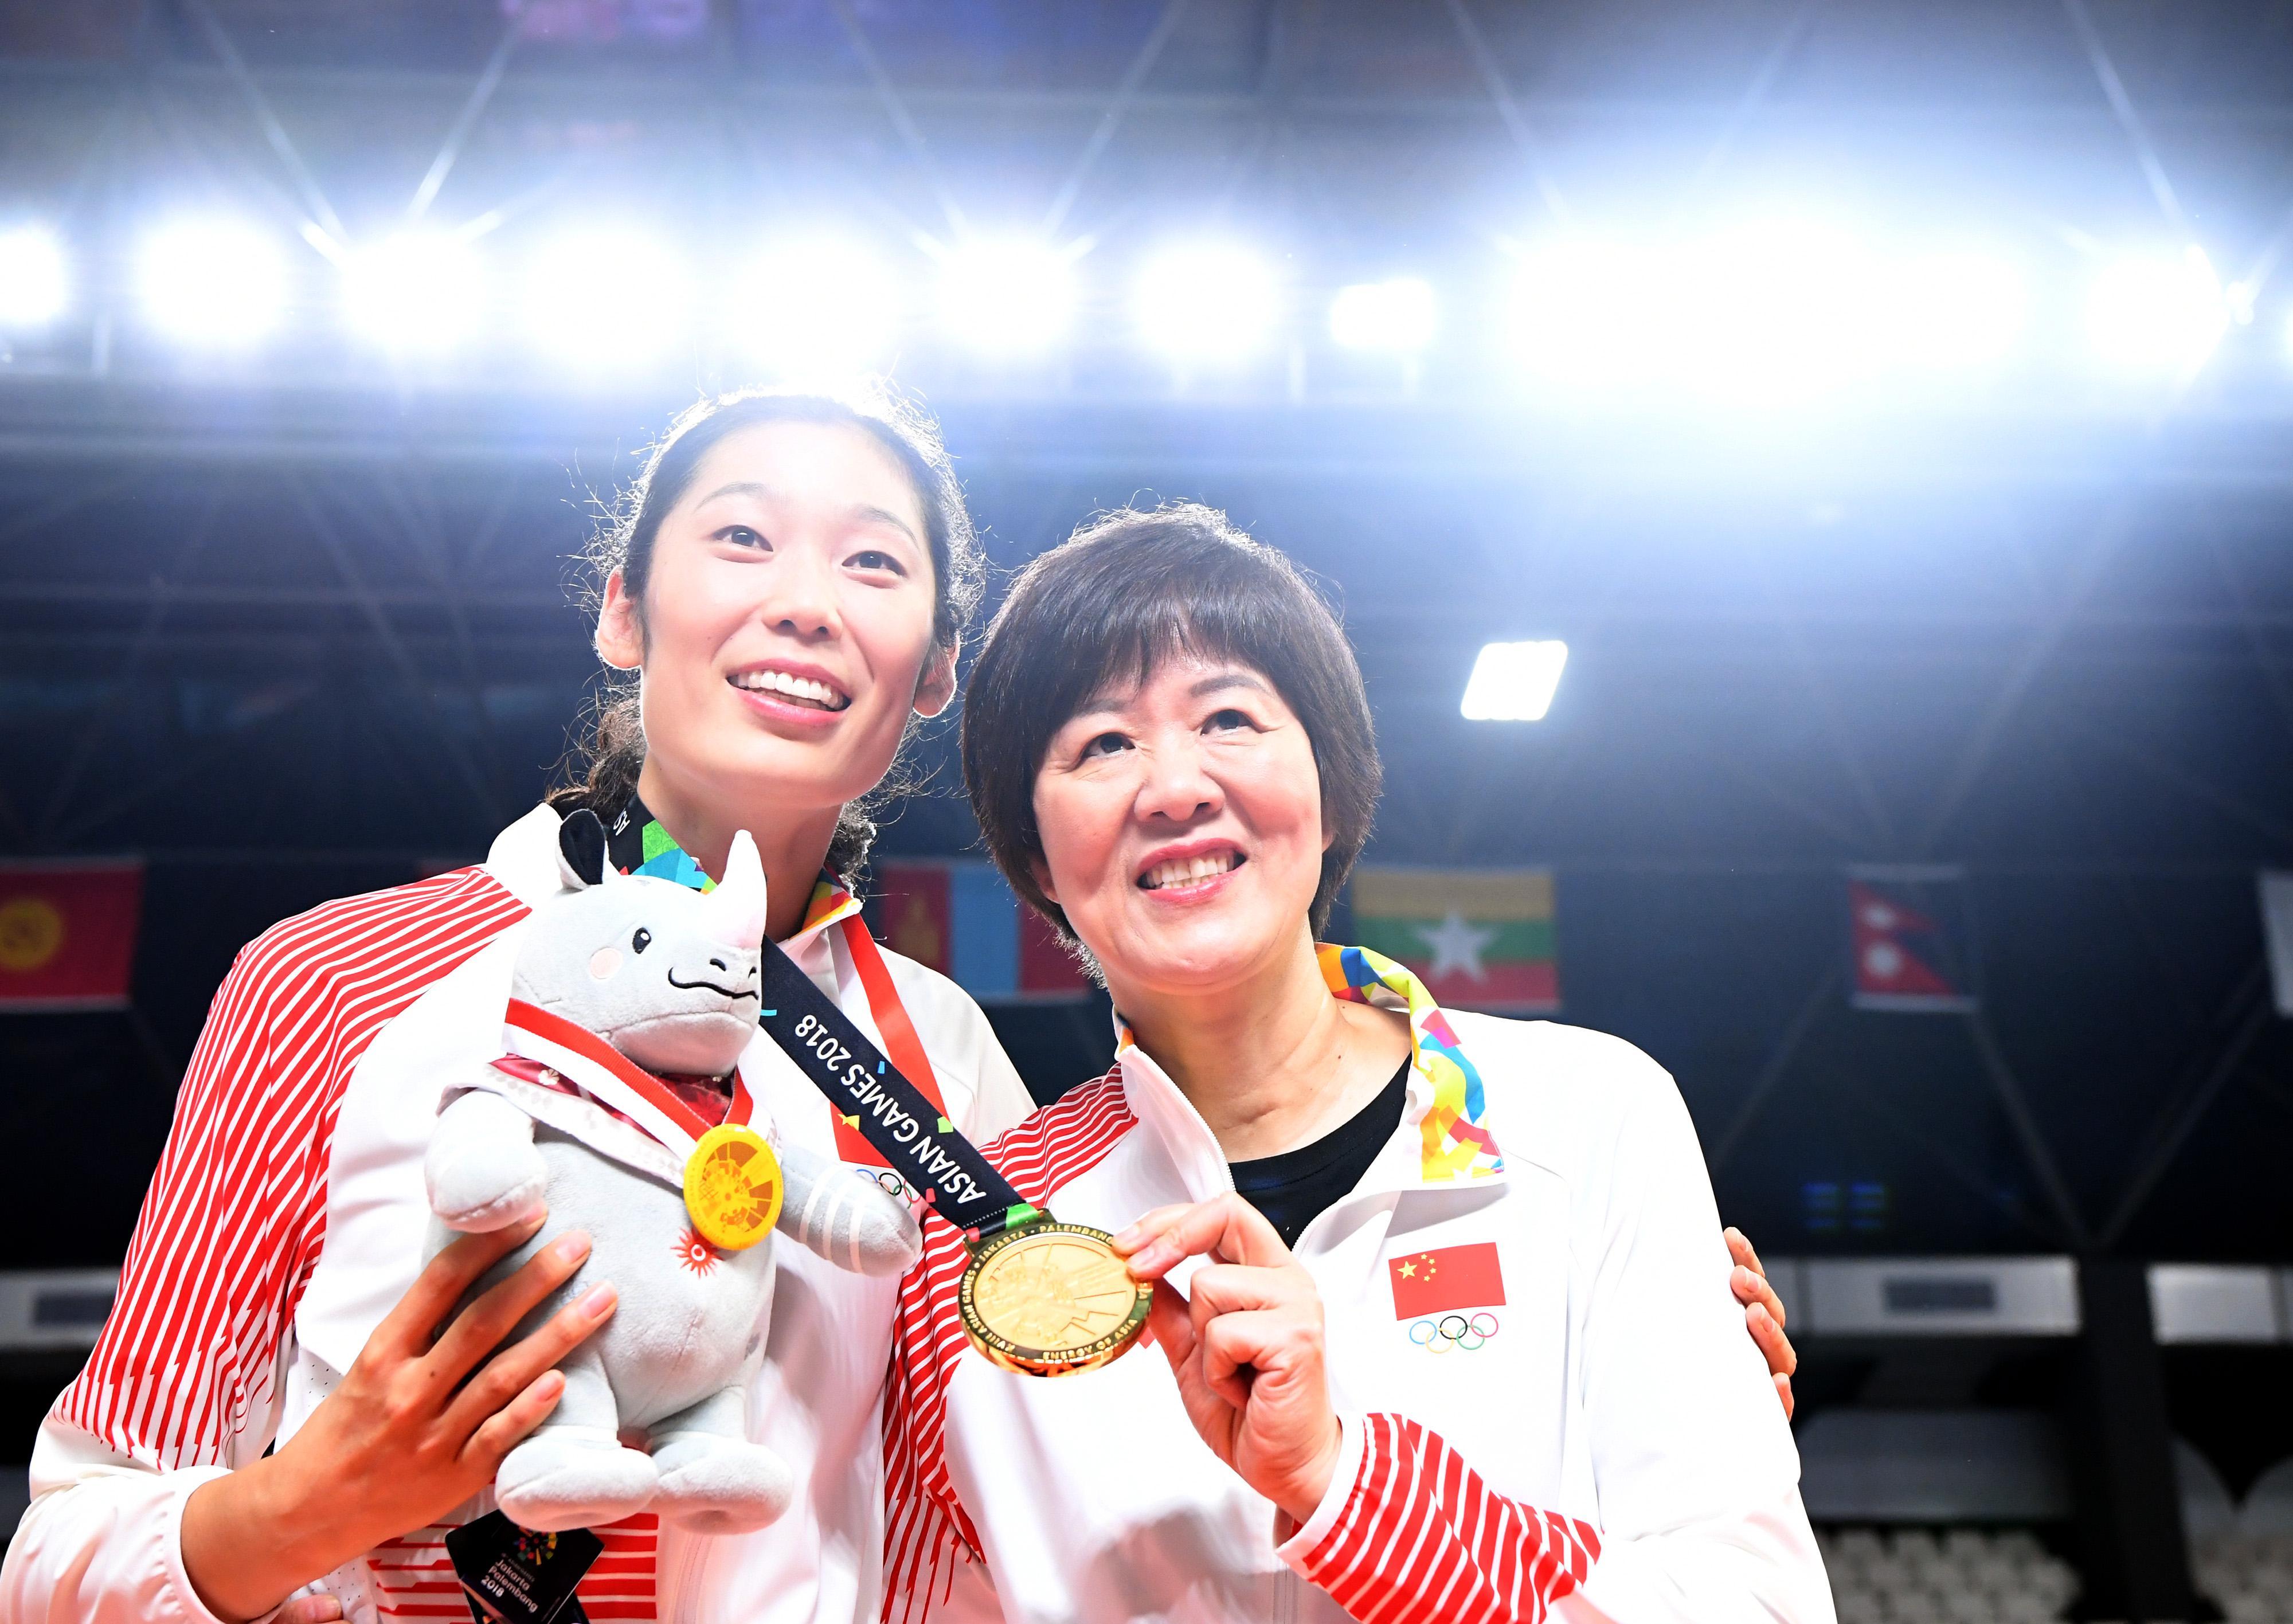 郎平率队拿下雅加达亚运会冠军。